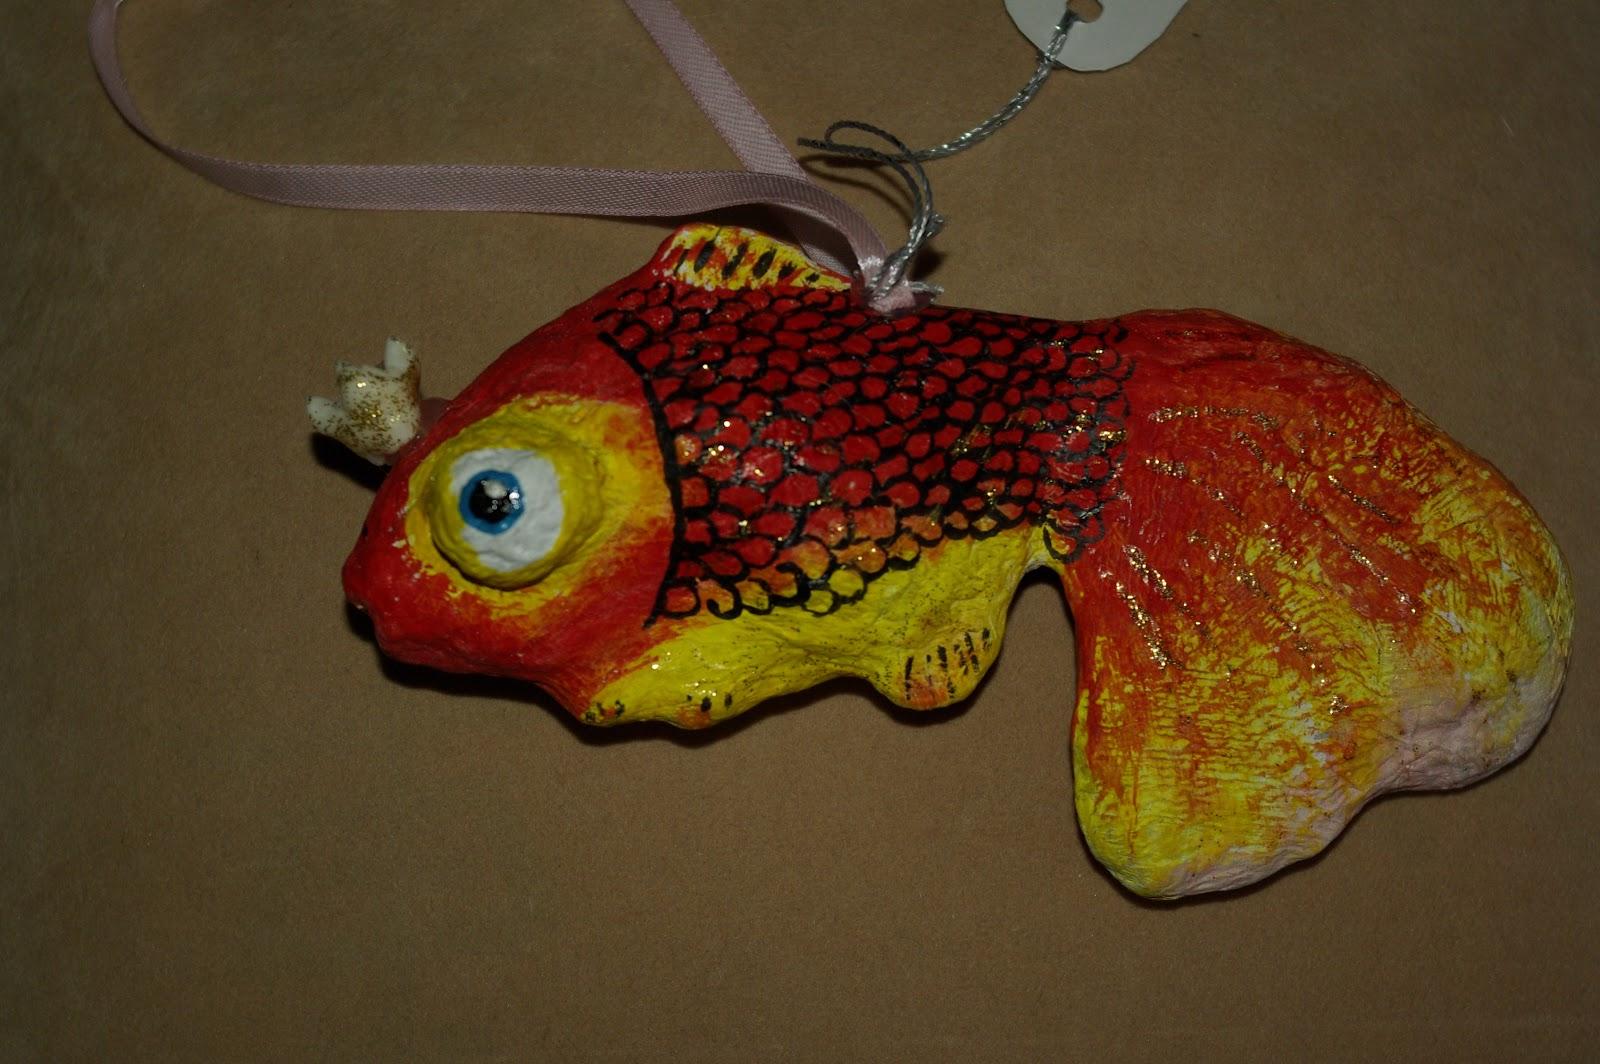 Рыба из папье-маше мастер класс